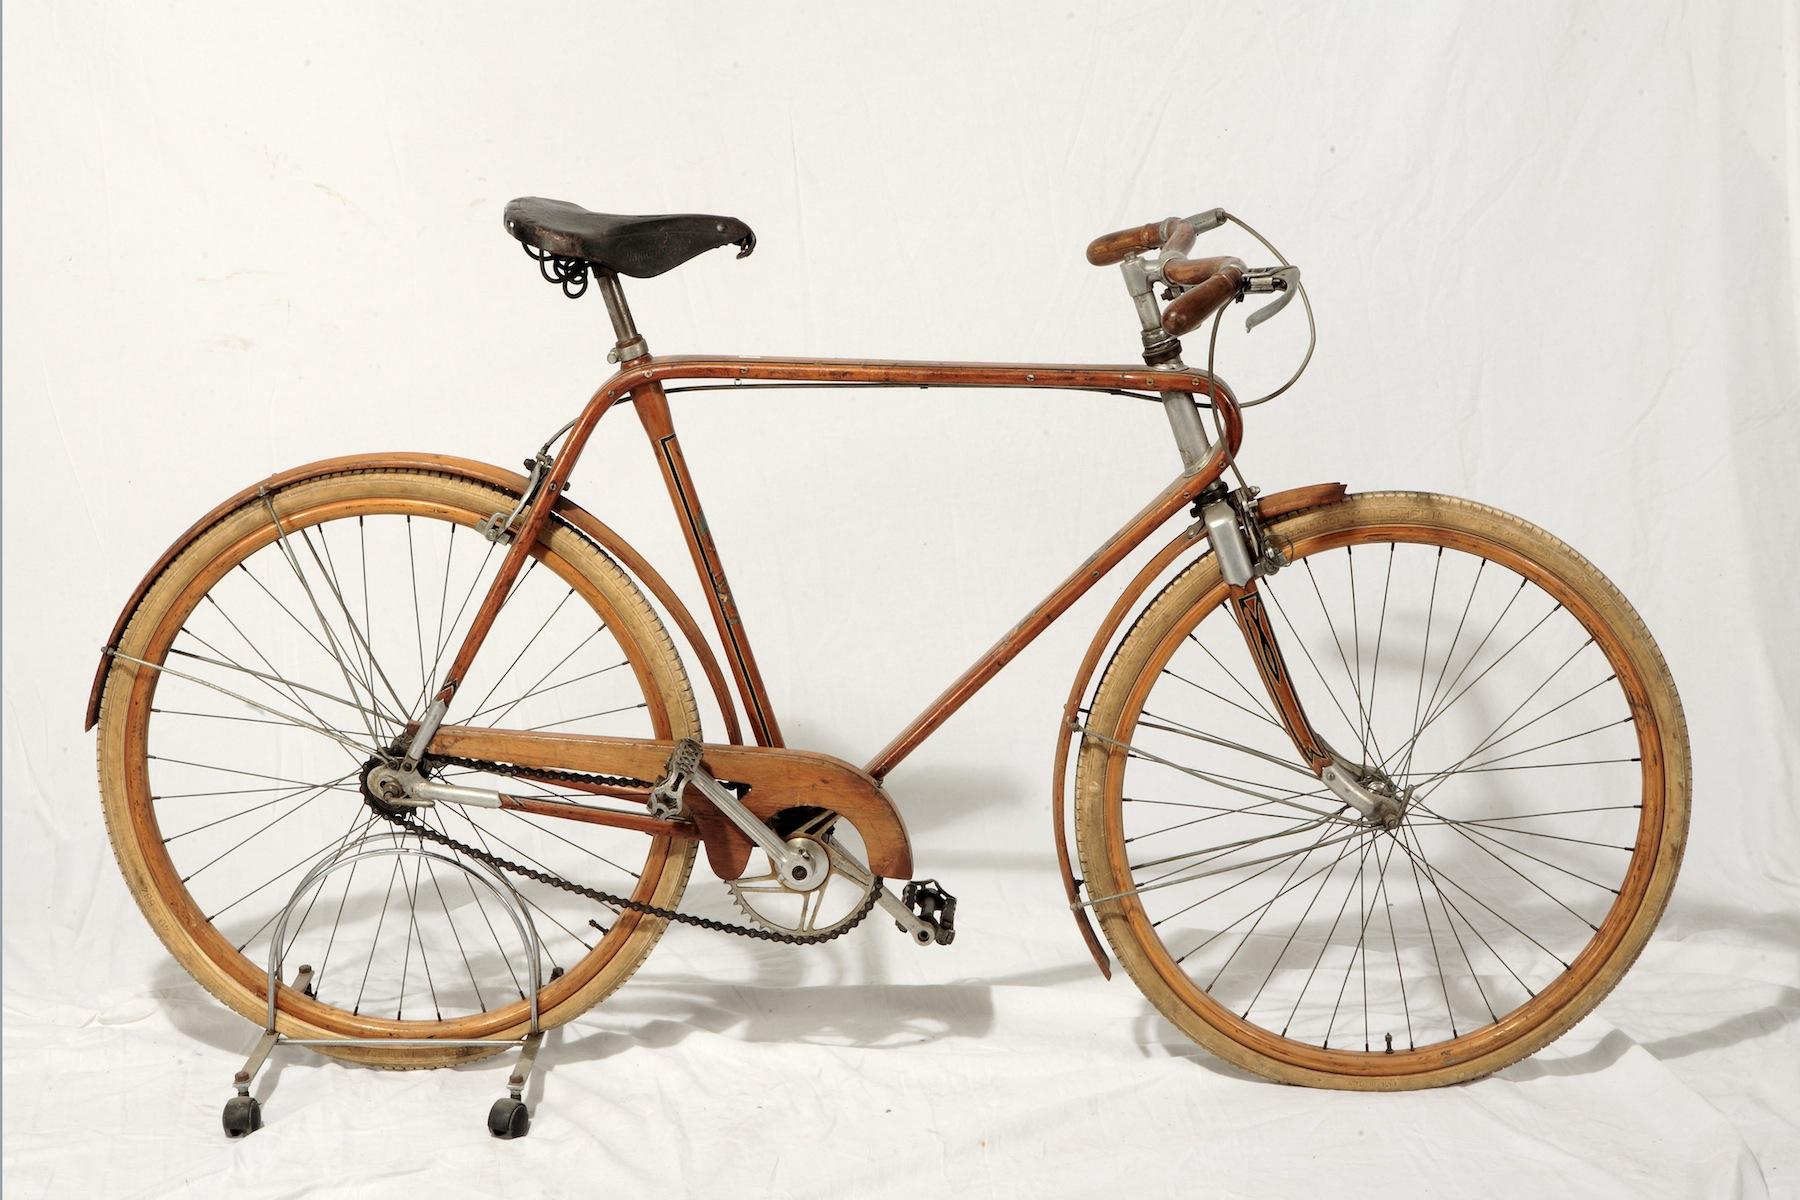 Littorina autarchica, bicicletta in legno e alluminio, 1939, Vianzone Courtesy Collezione privata